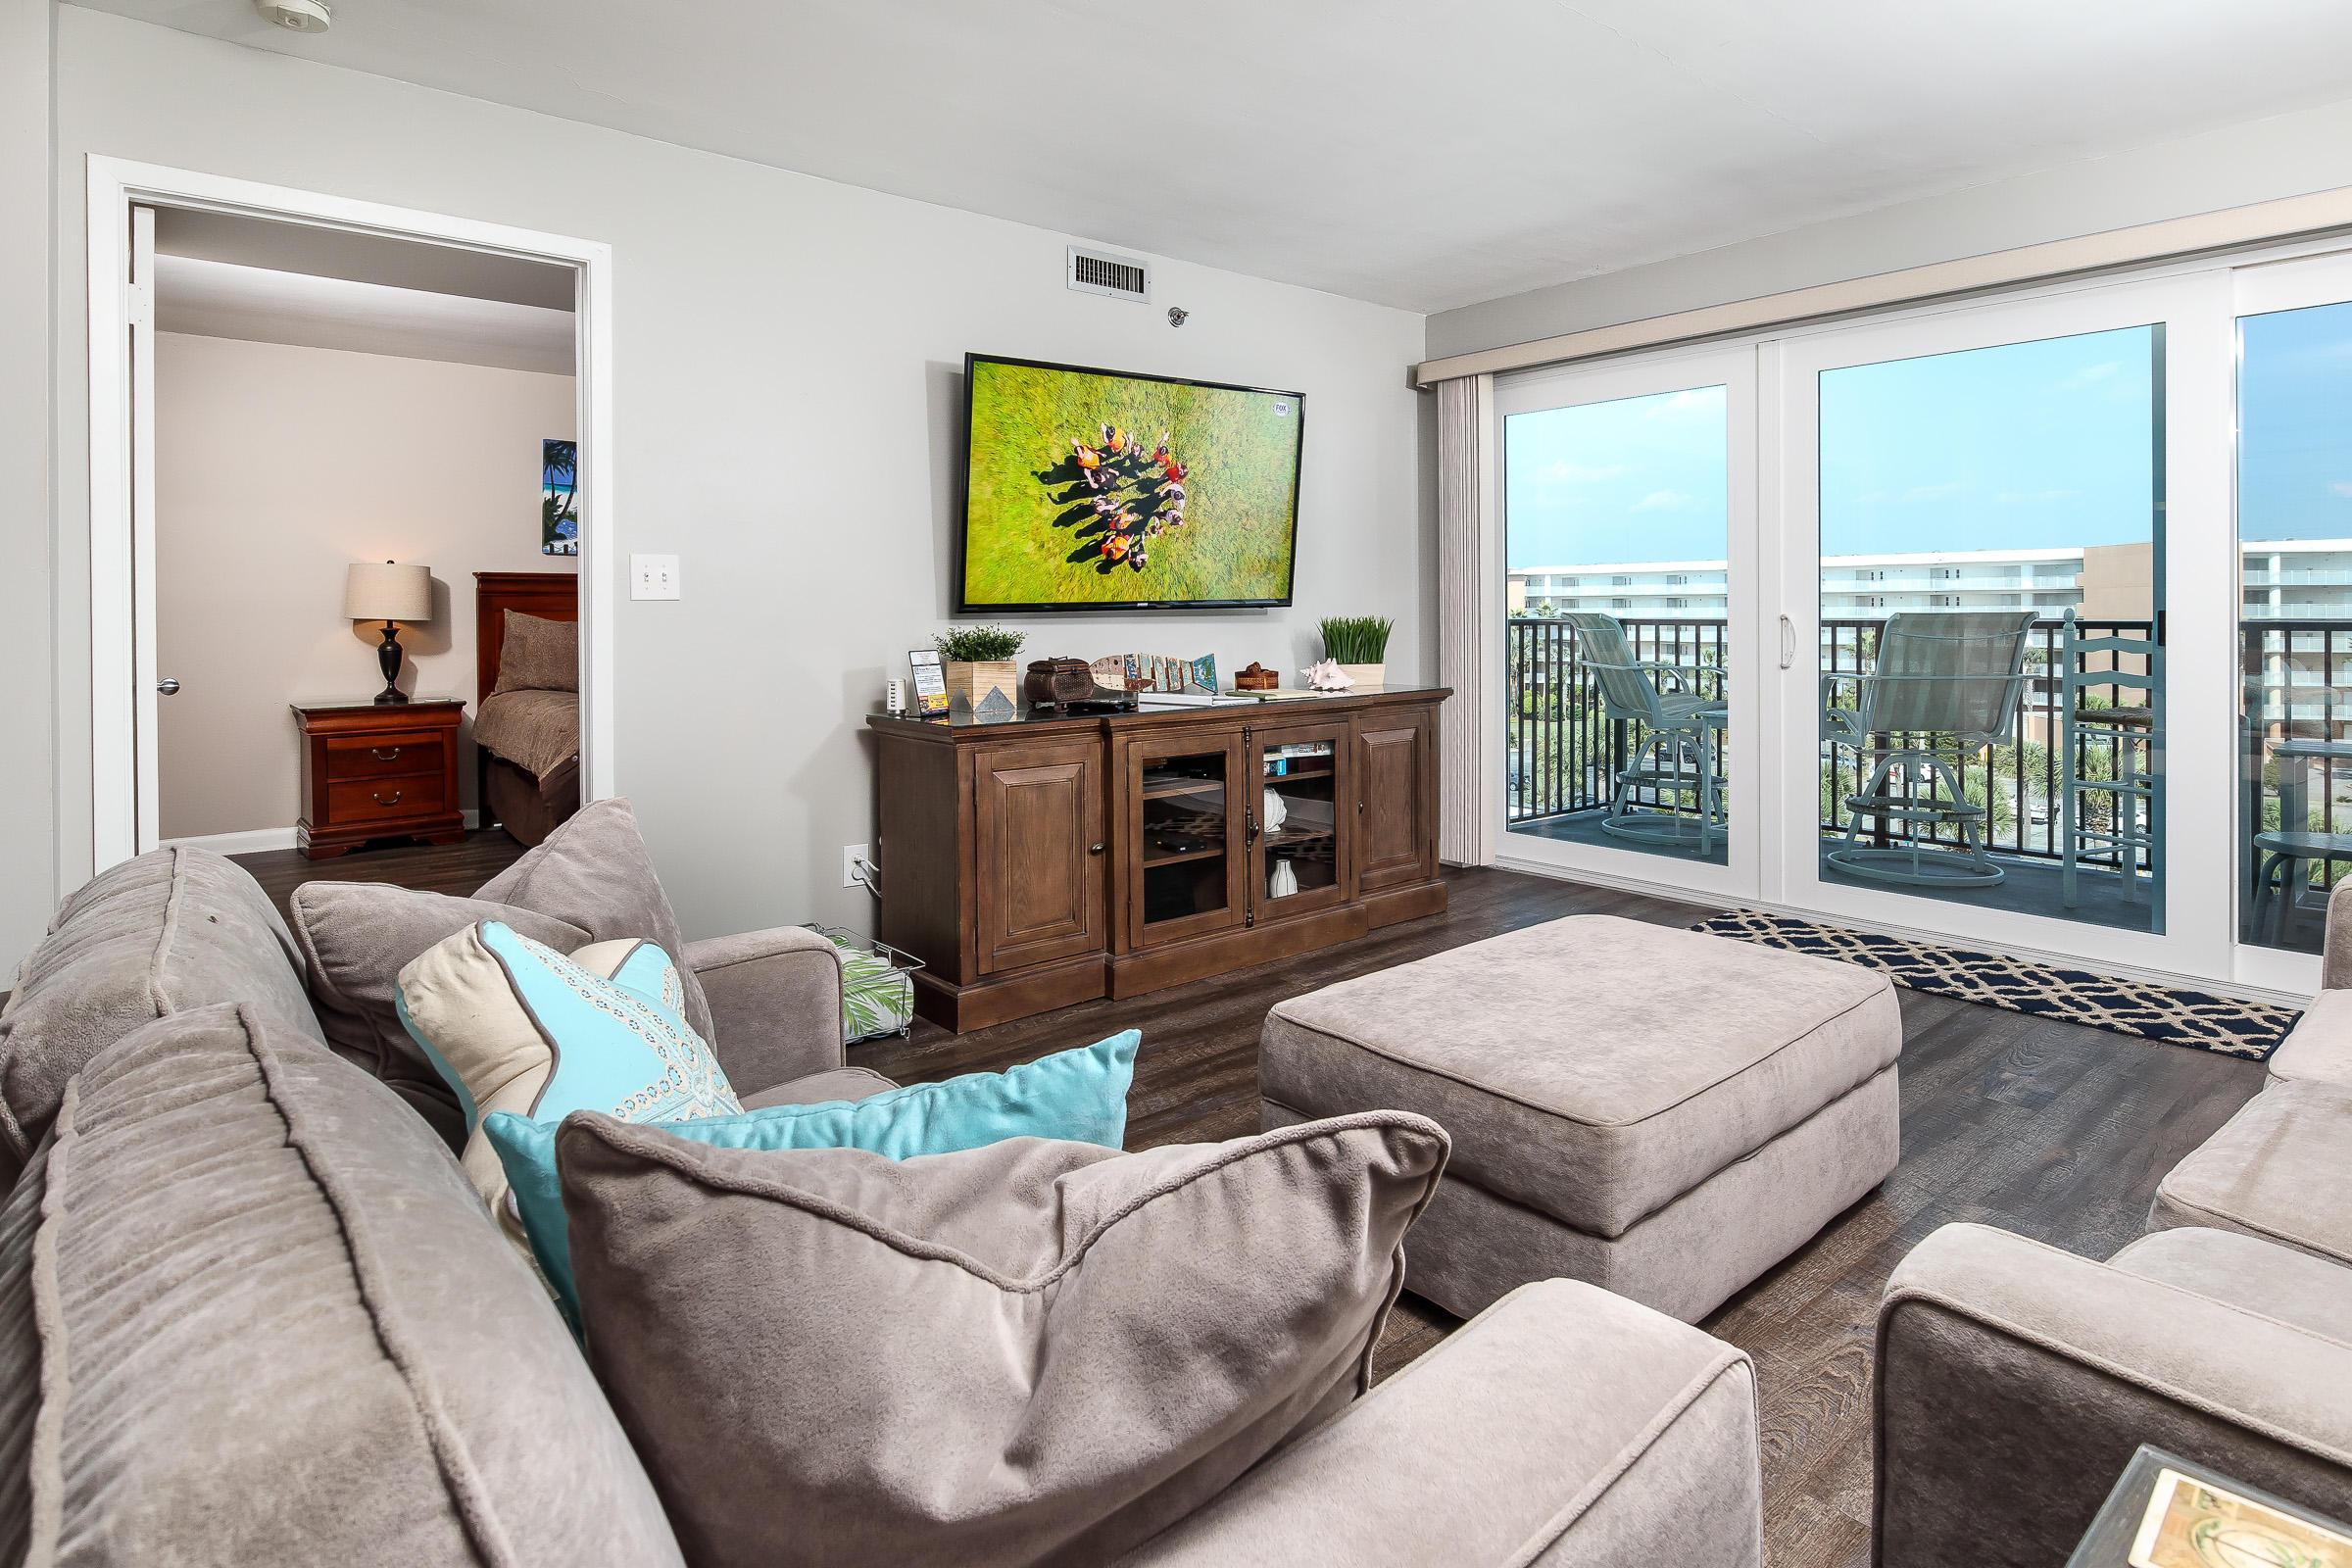 A 2 Bedroom 2 Bedroom Sea Oats Condo Condominium